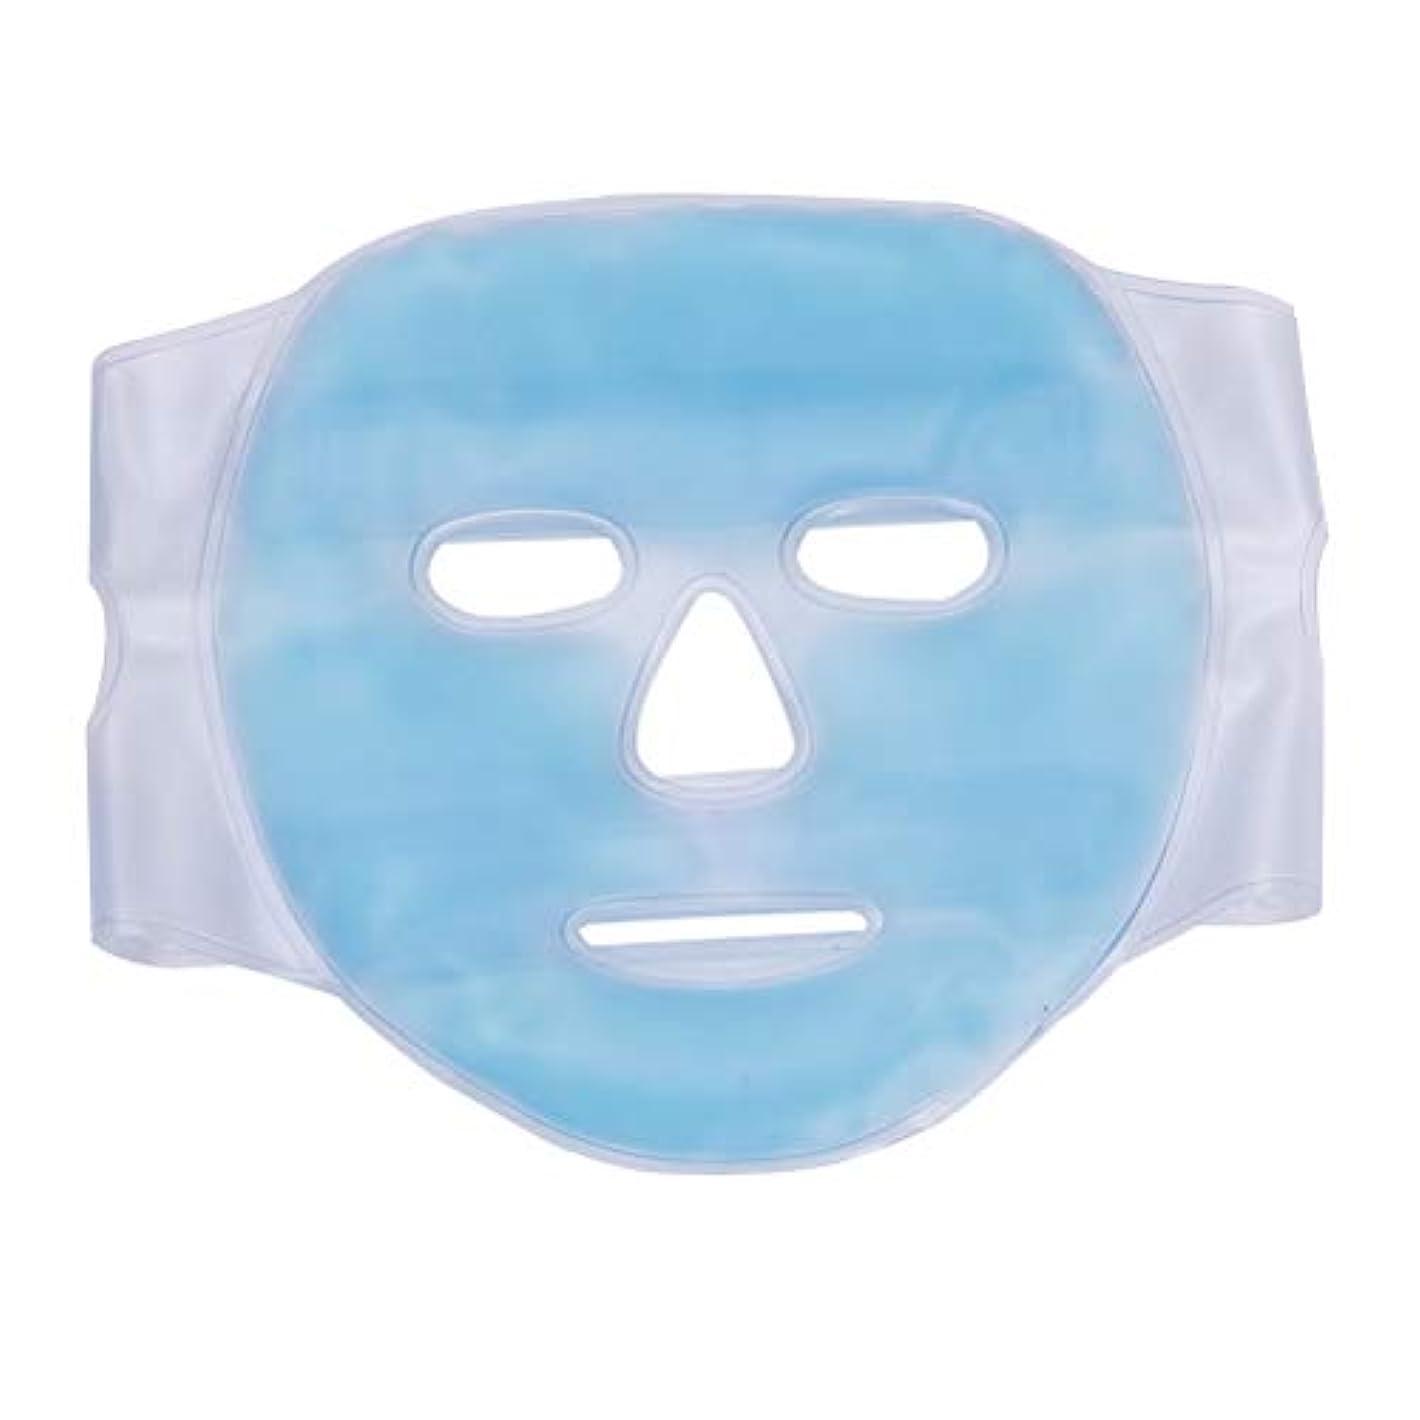 一見ボイコット敗北Healifty Gelコールド&ホットコンプレッションフェイシャルPVCアイスマスクフェイス(腫れぼったい顔用)ふくらんでいる目ダークサークル(ブルー)